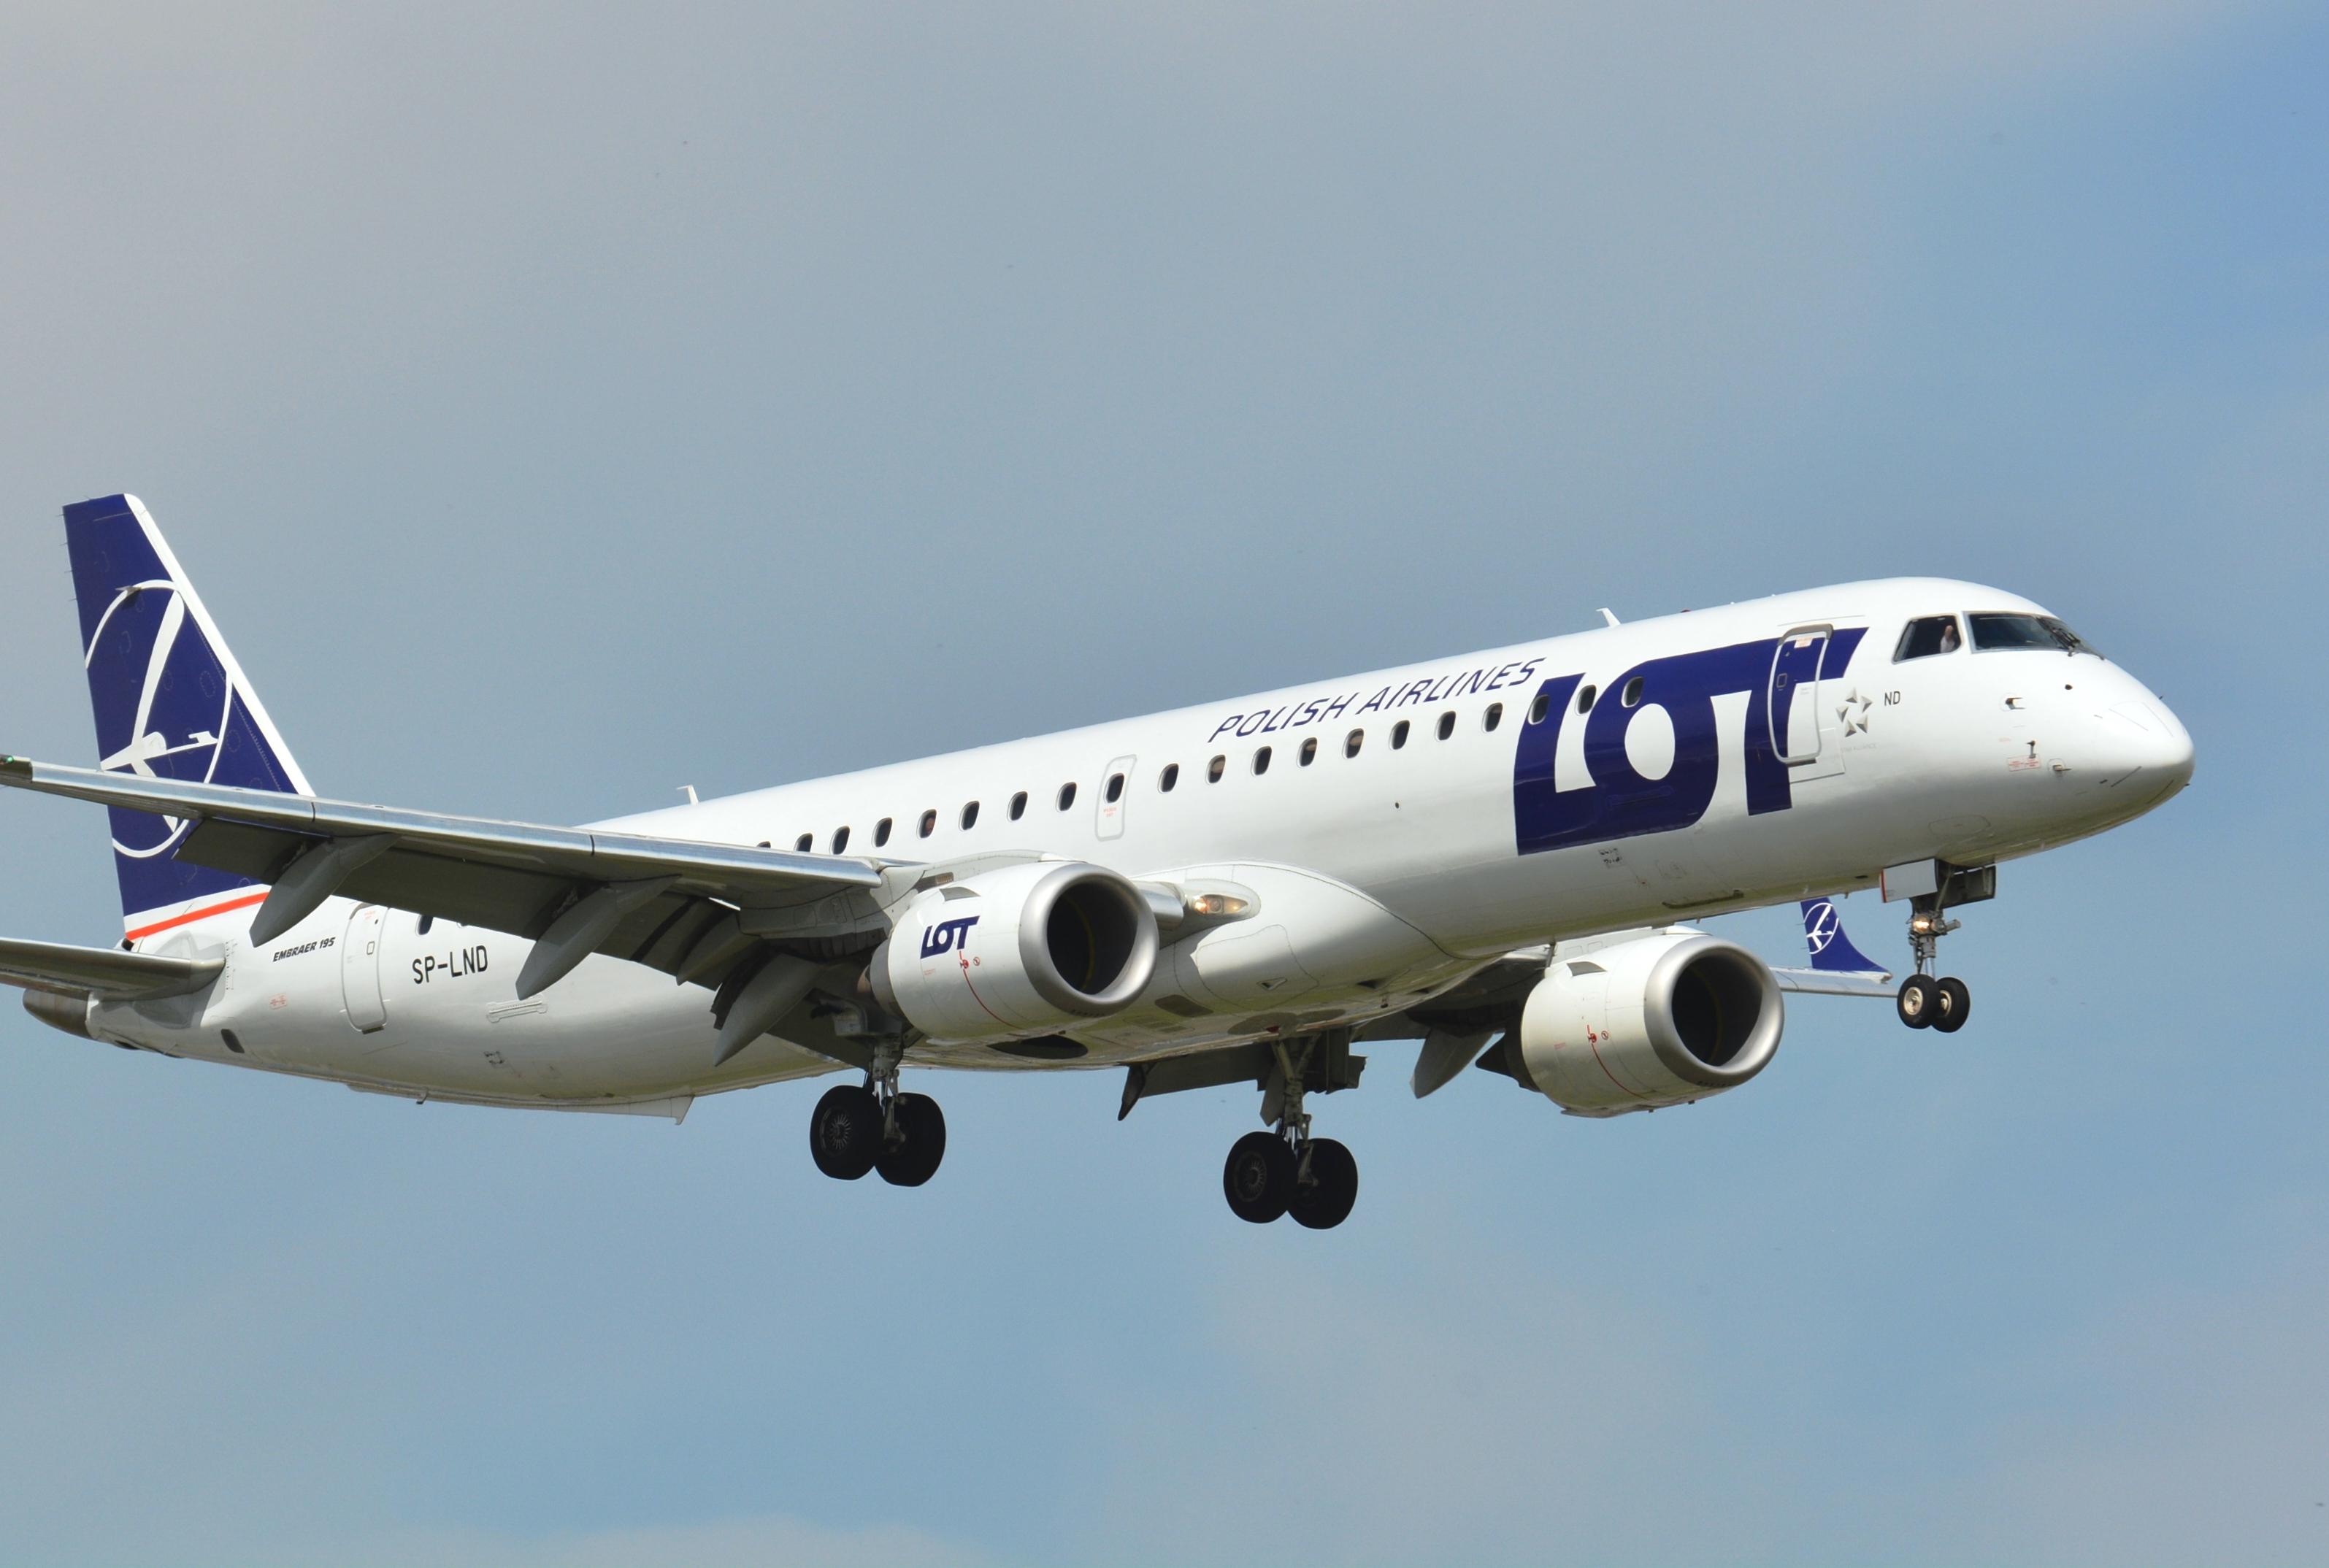 LOT vil bruge Embraer-jets på sine nye ruter til blandt andet Zaporizhzhia og Billund.